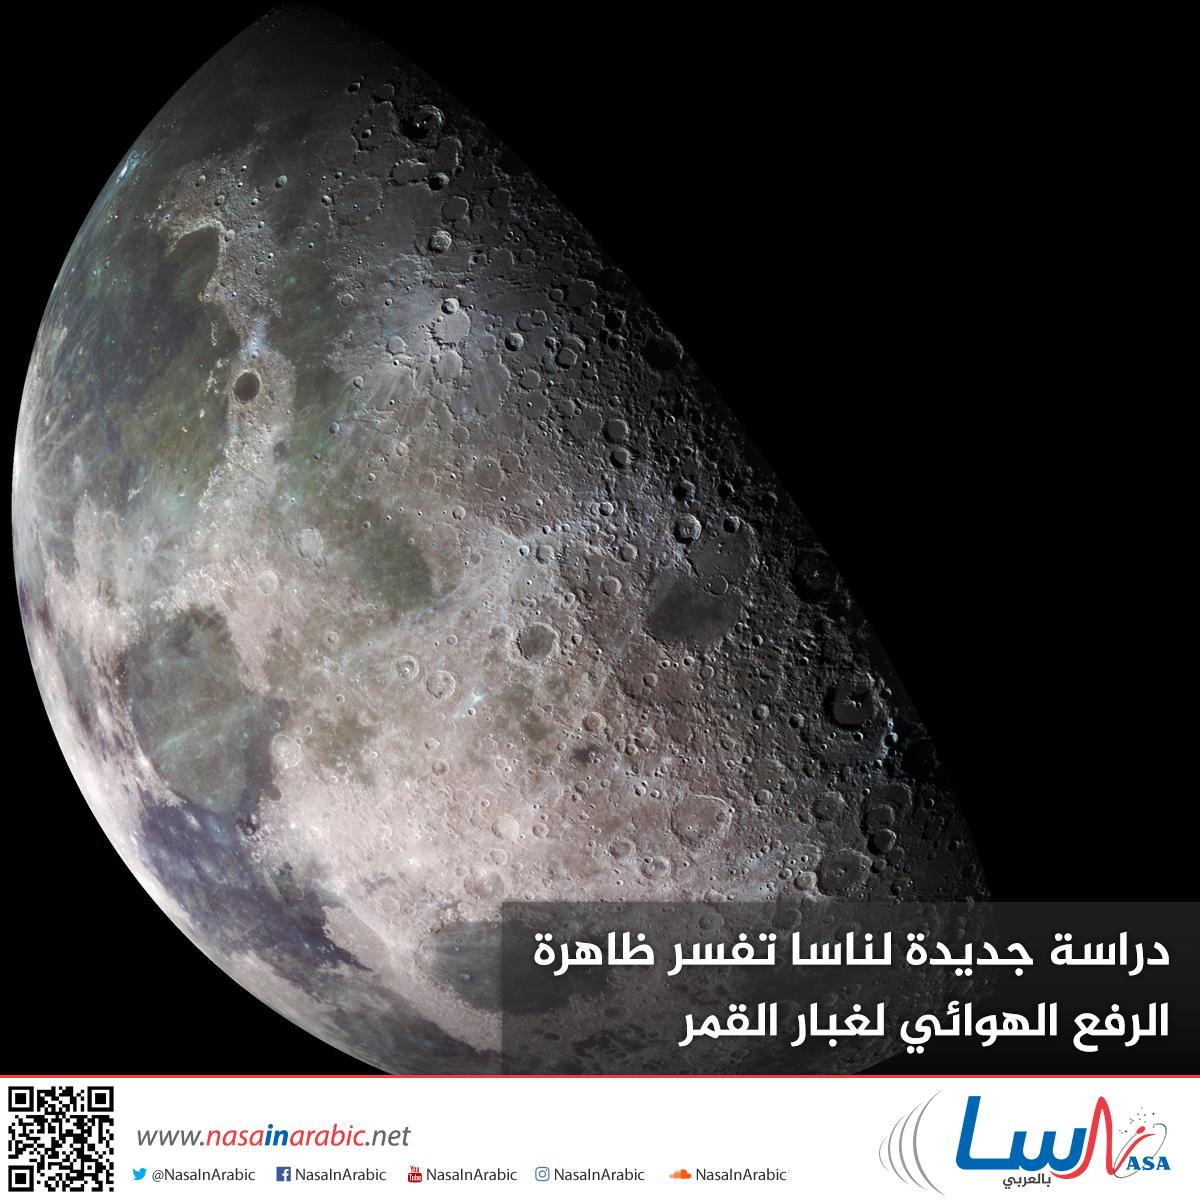 دراسة جديدة لناسا تفسر ظاهرة الرفع الهوائي لغبار القمر